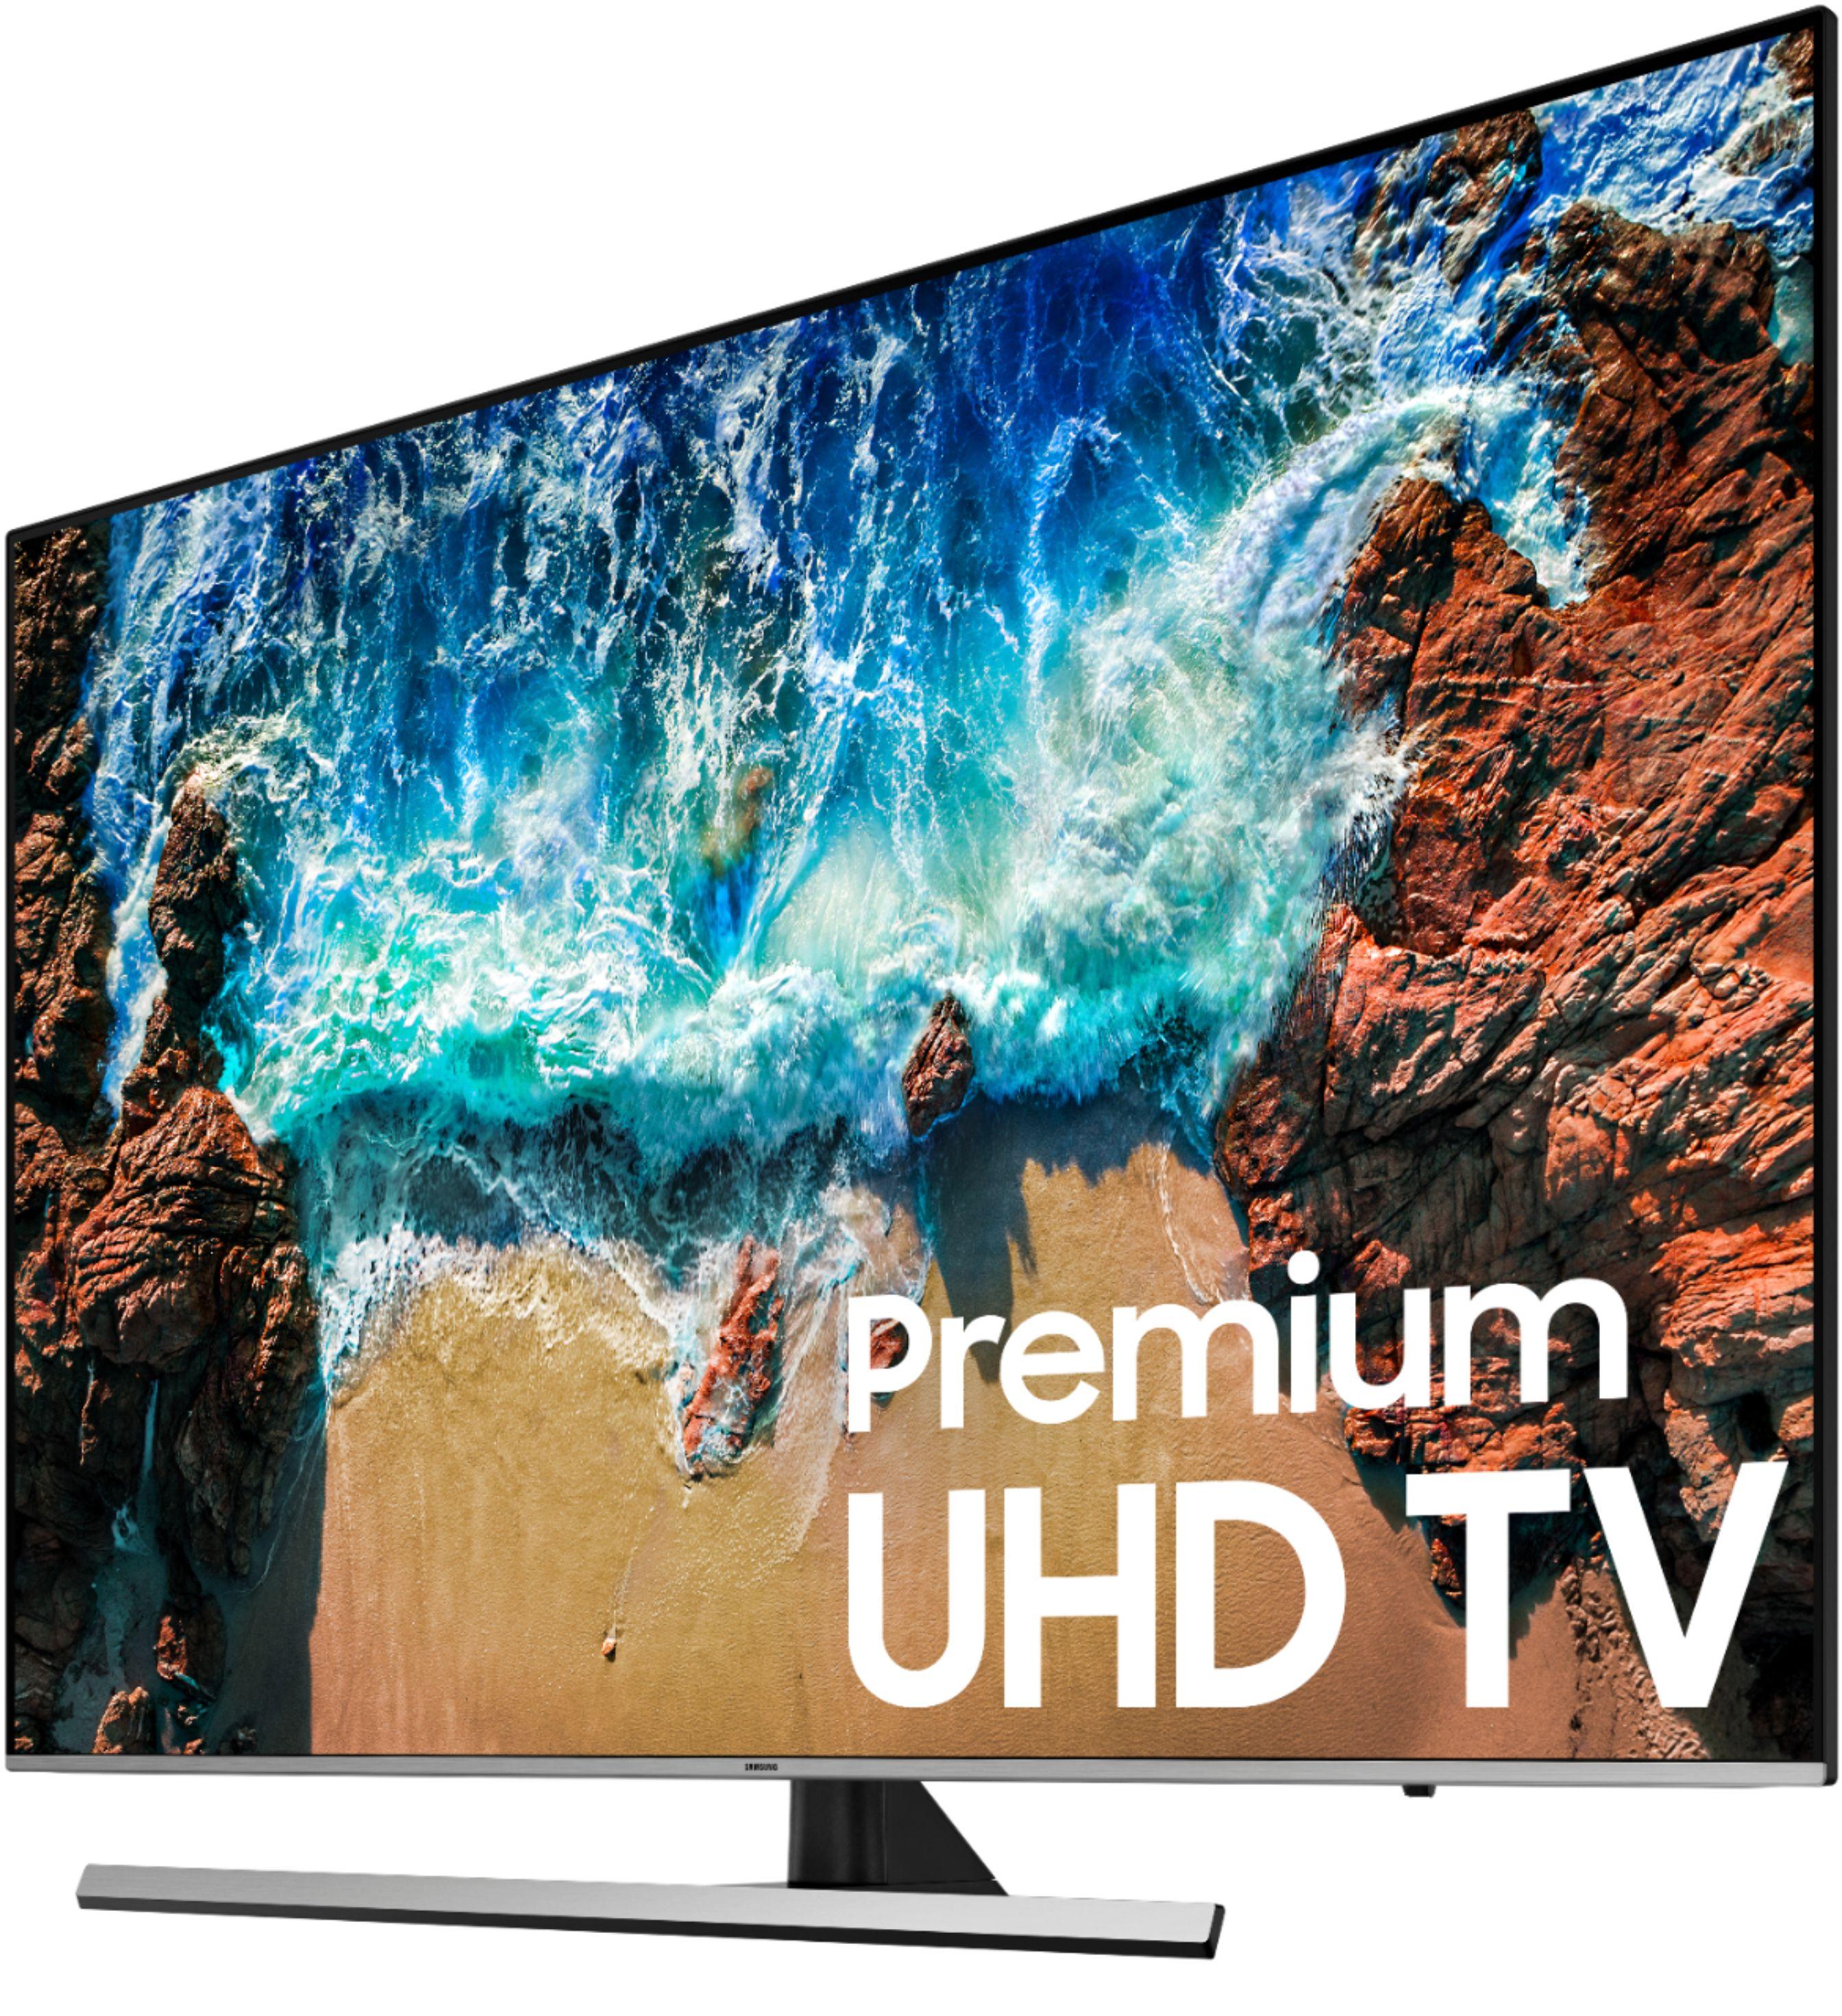 Image 12 for Samsung UN65NU8000FXZA